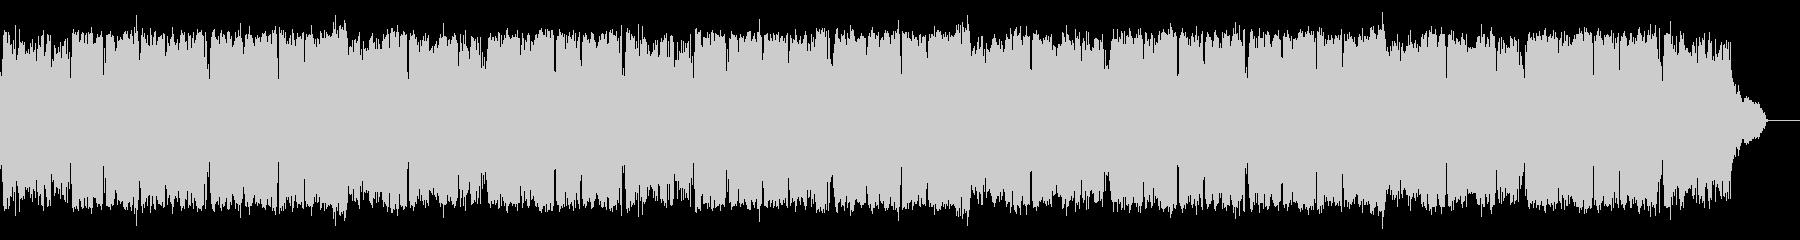 ビギーンのリズムで昭和歌謡をsaxが演奏の未再生の波形